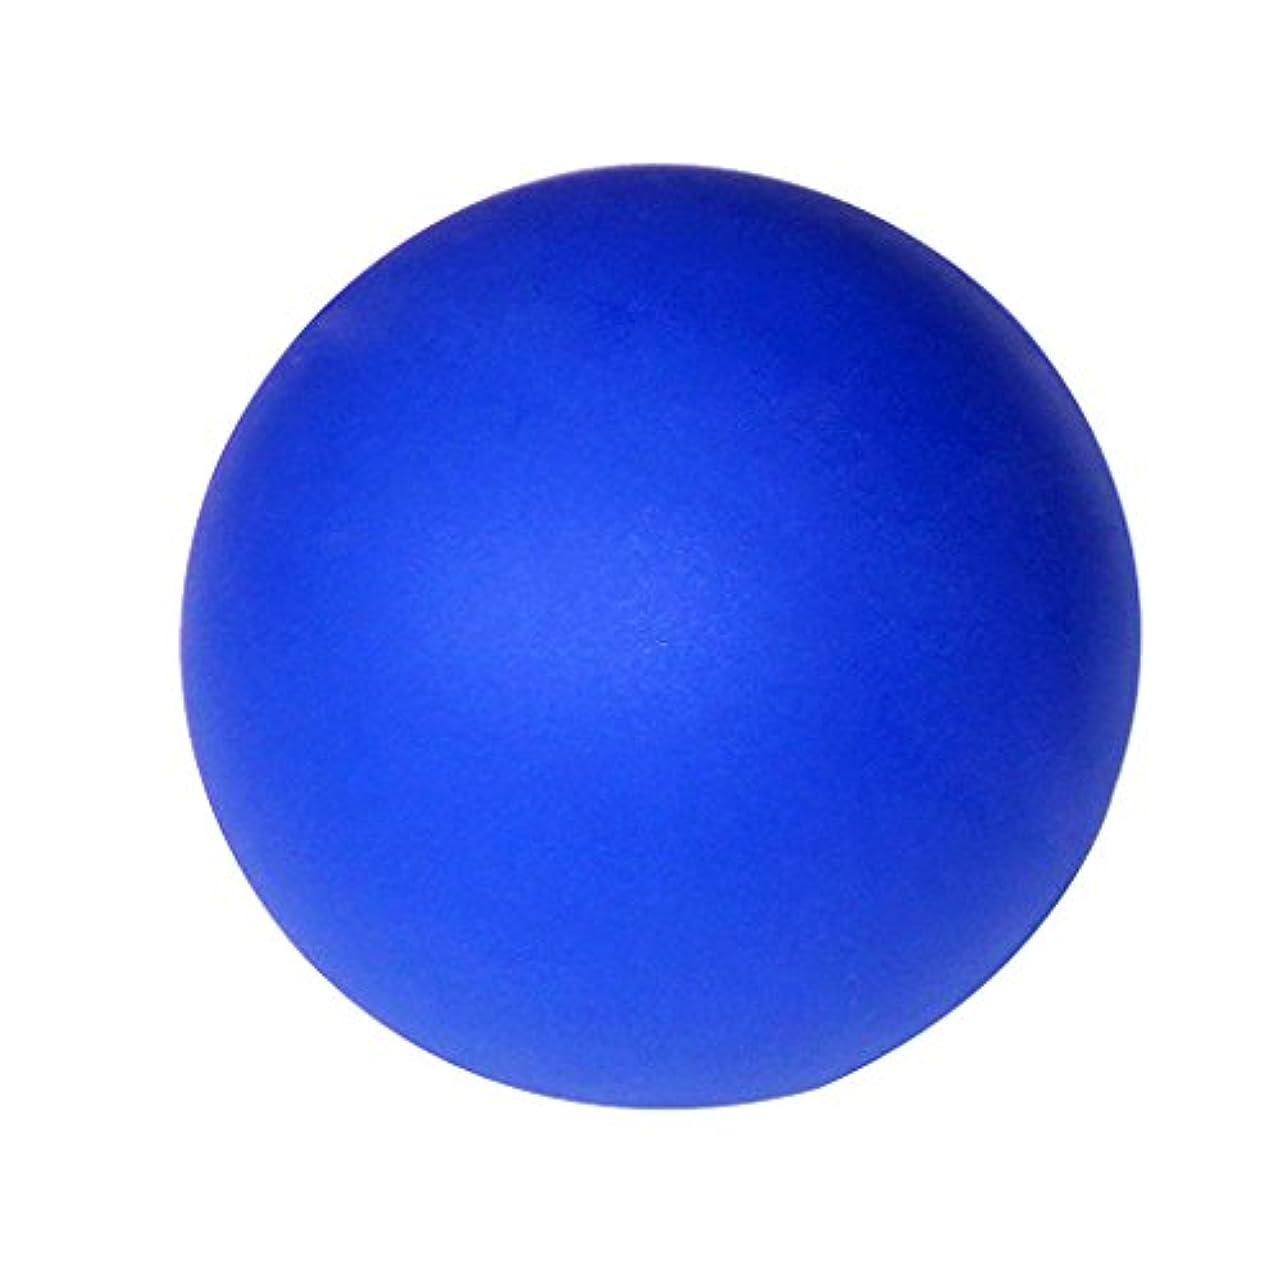 適切に知覚的減衰マッサージボール ラクロスマッサージボール 足 腕 首 足首 背中 ジム ホーム 運動療法